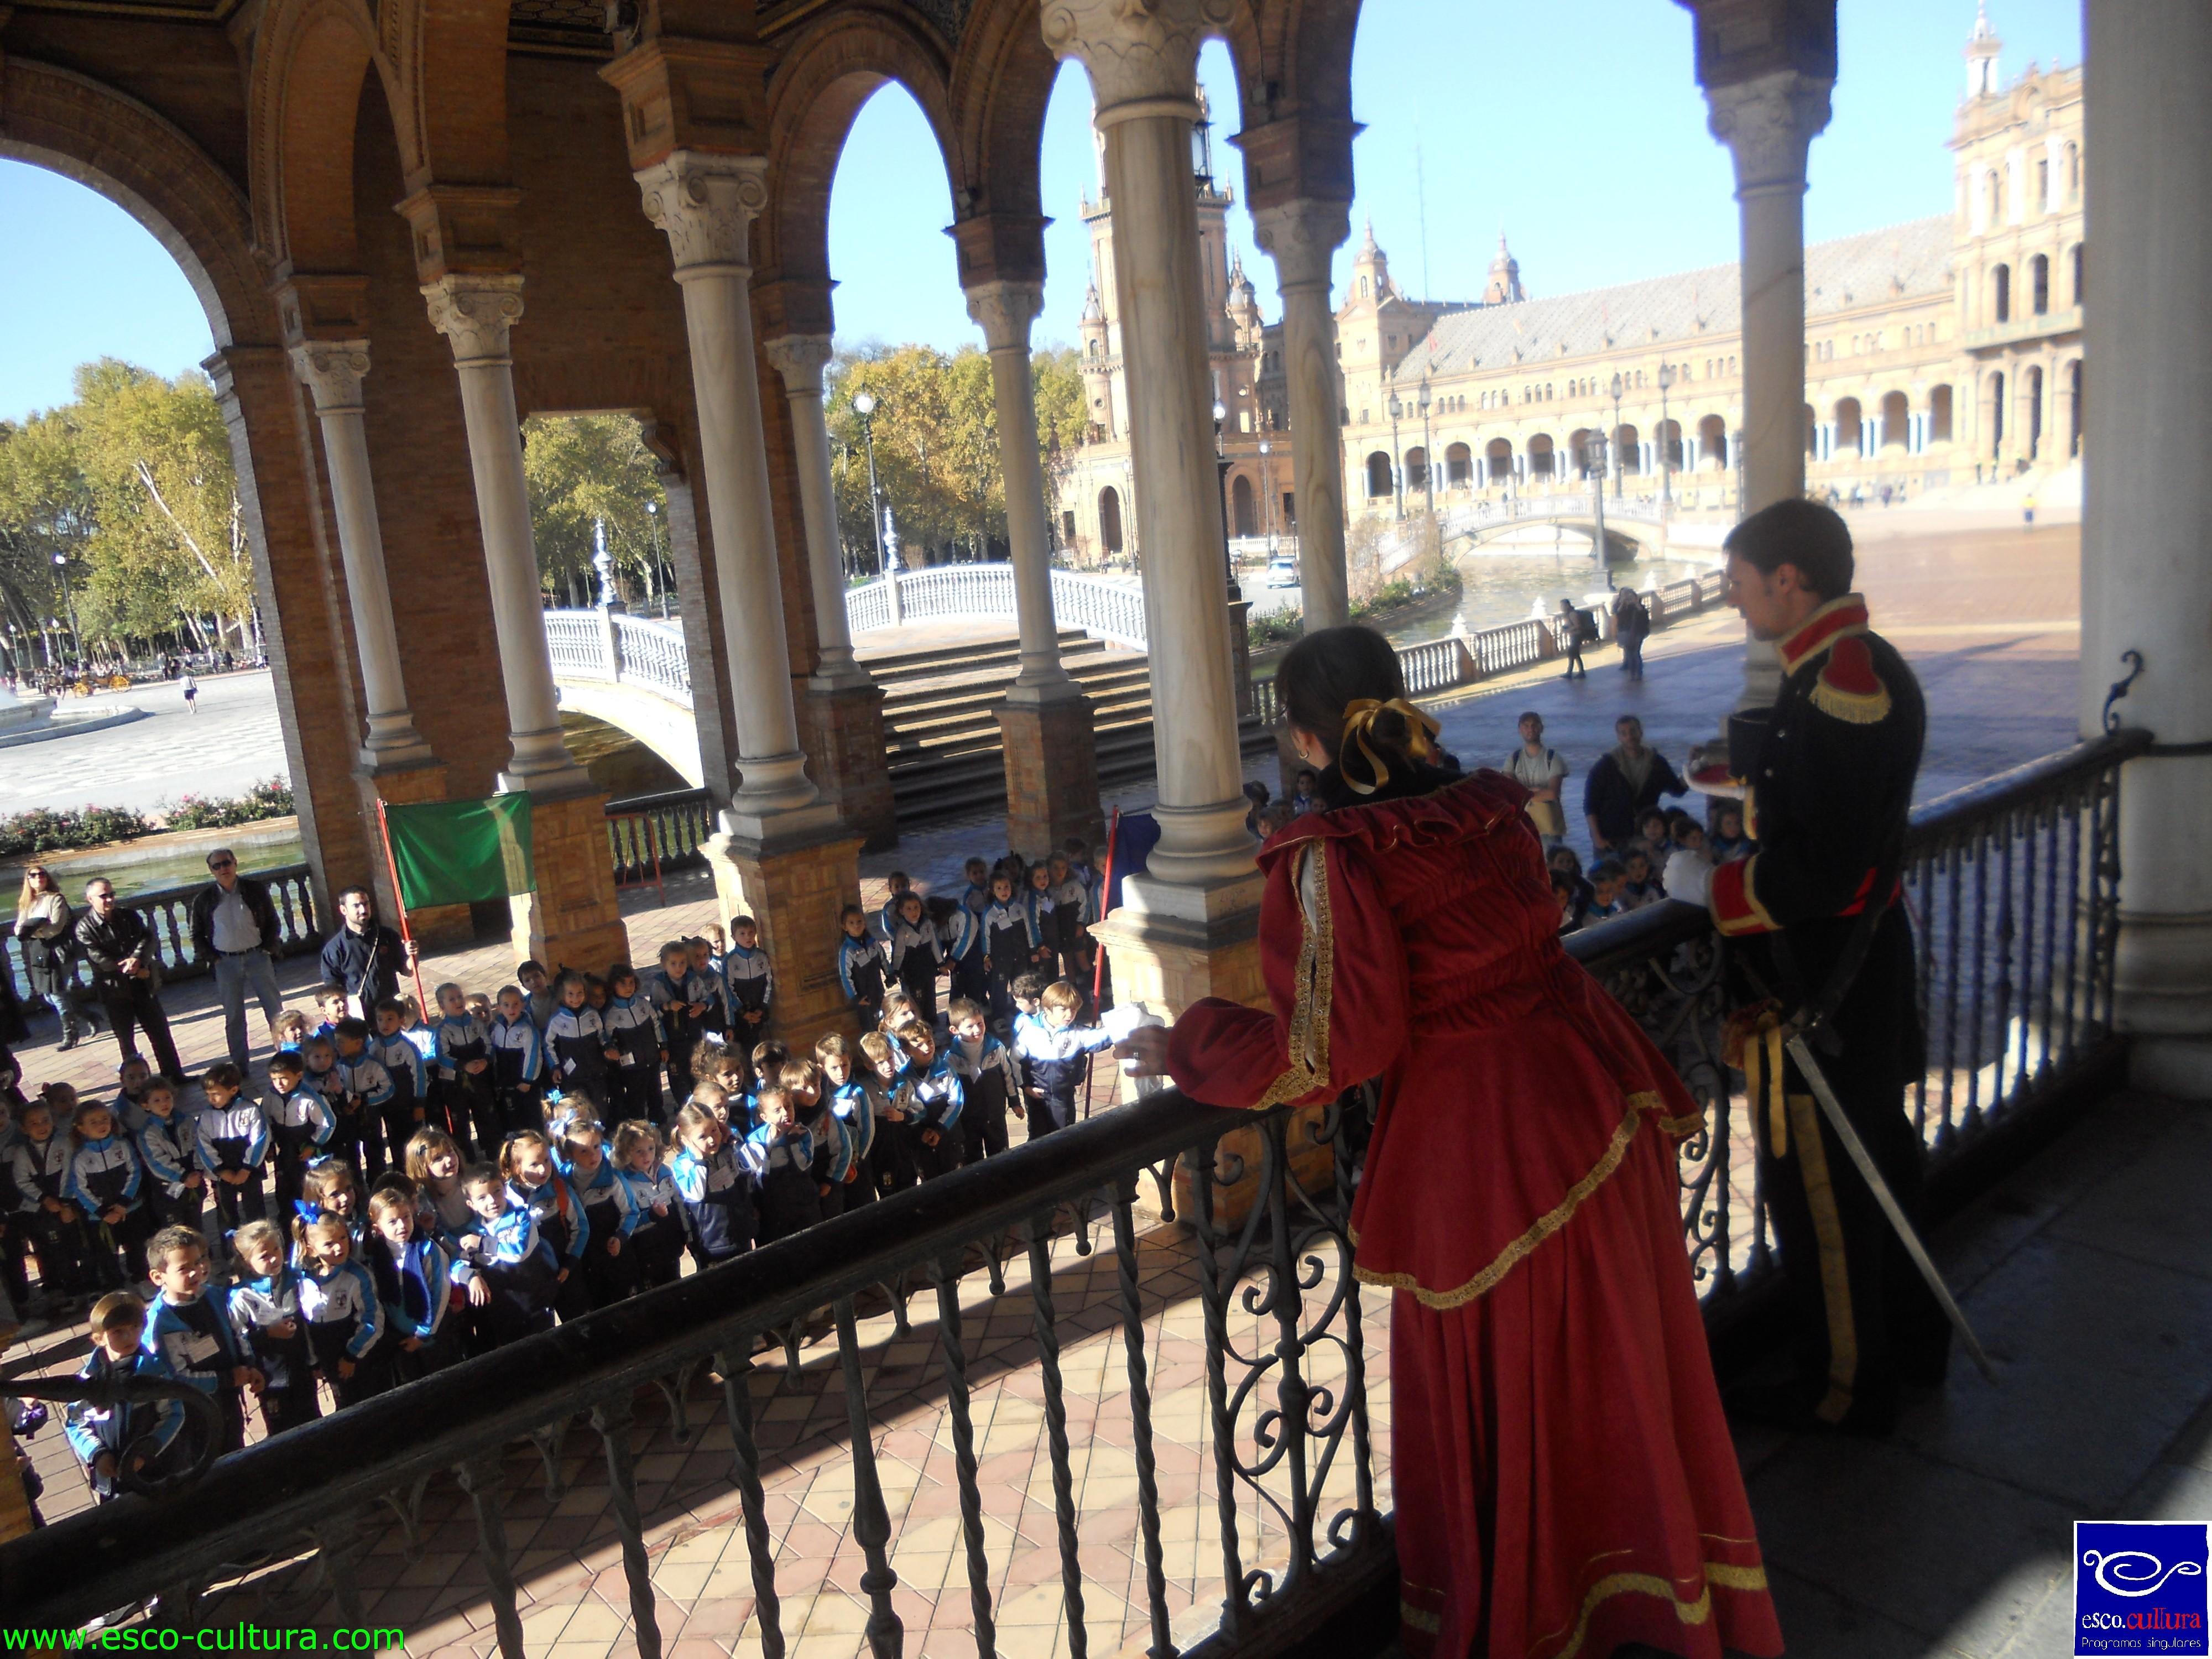 Esco.cultura Portaceli Plz España y Parque Mª Luisa 2011 (63)